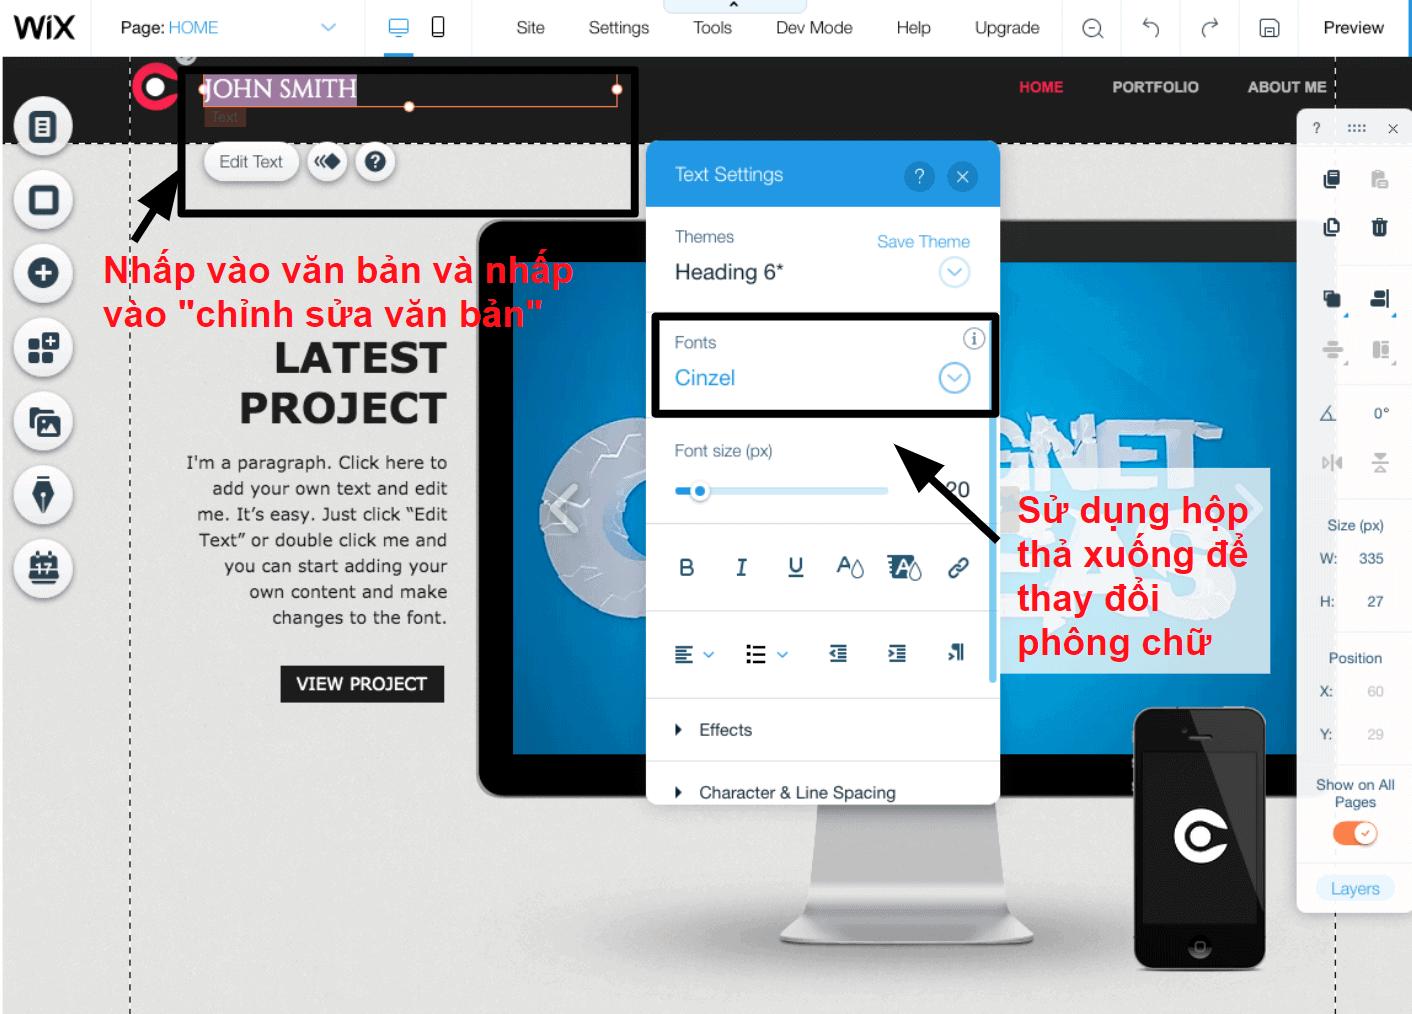 Cách tạo một website 2021: Hướng dẫn từng bước hoàn chỉnh